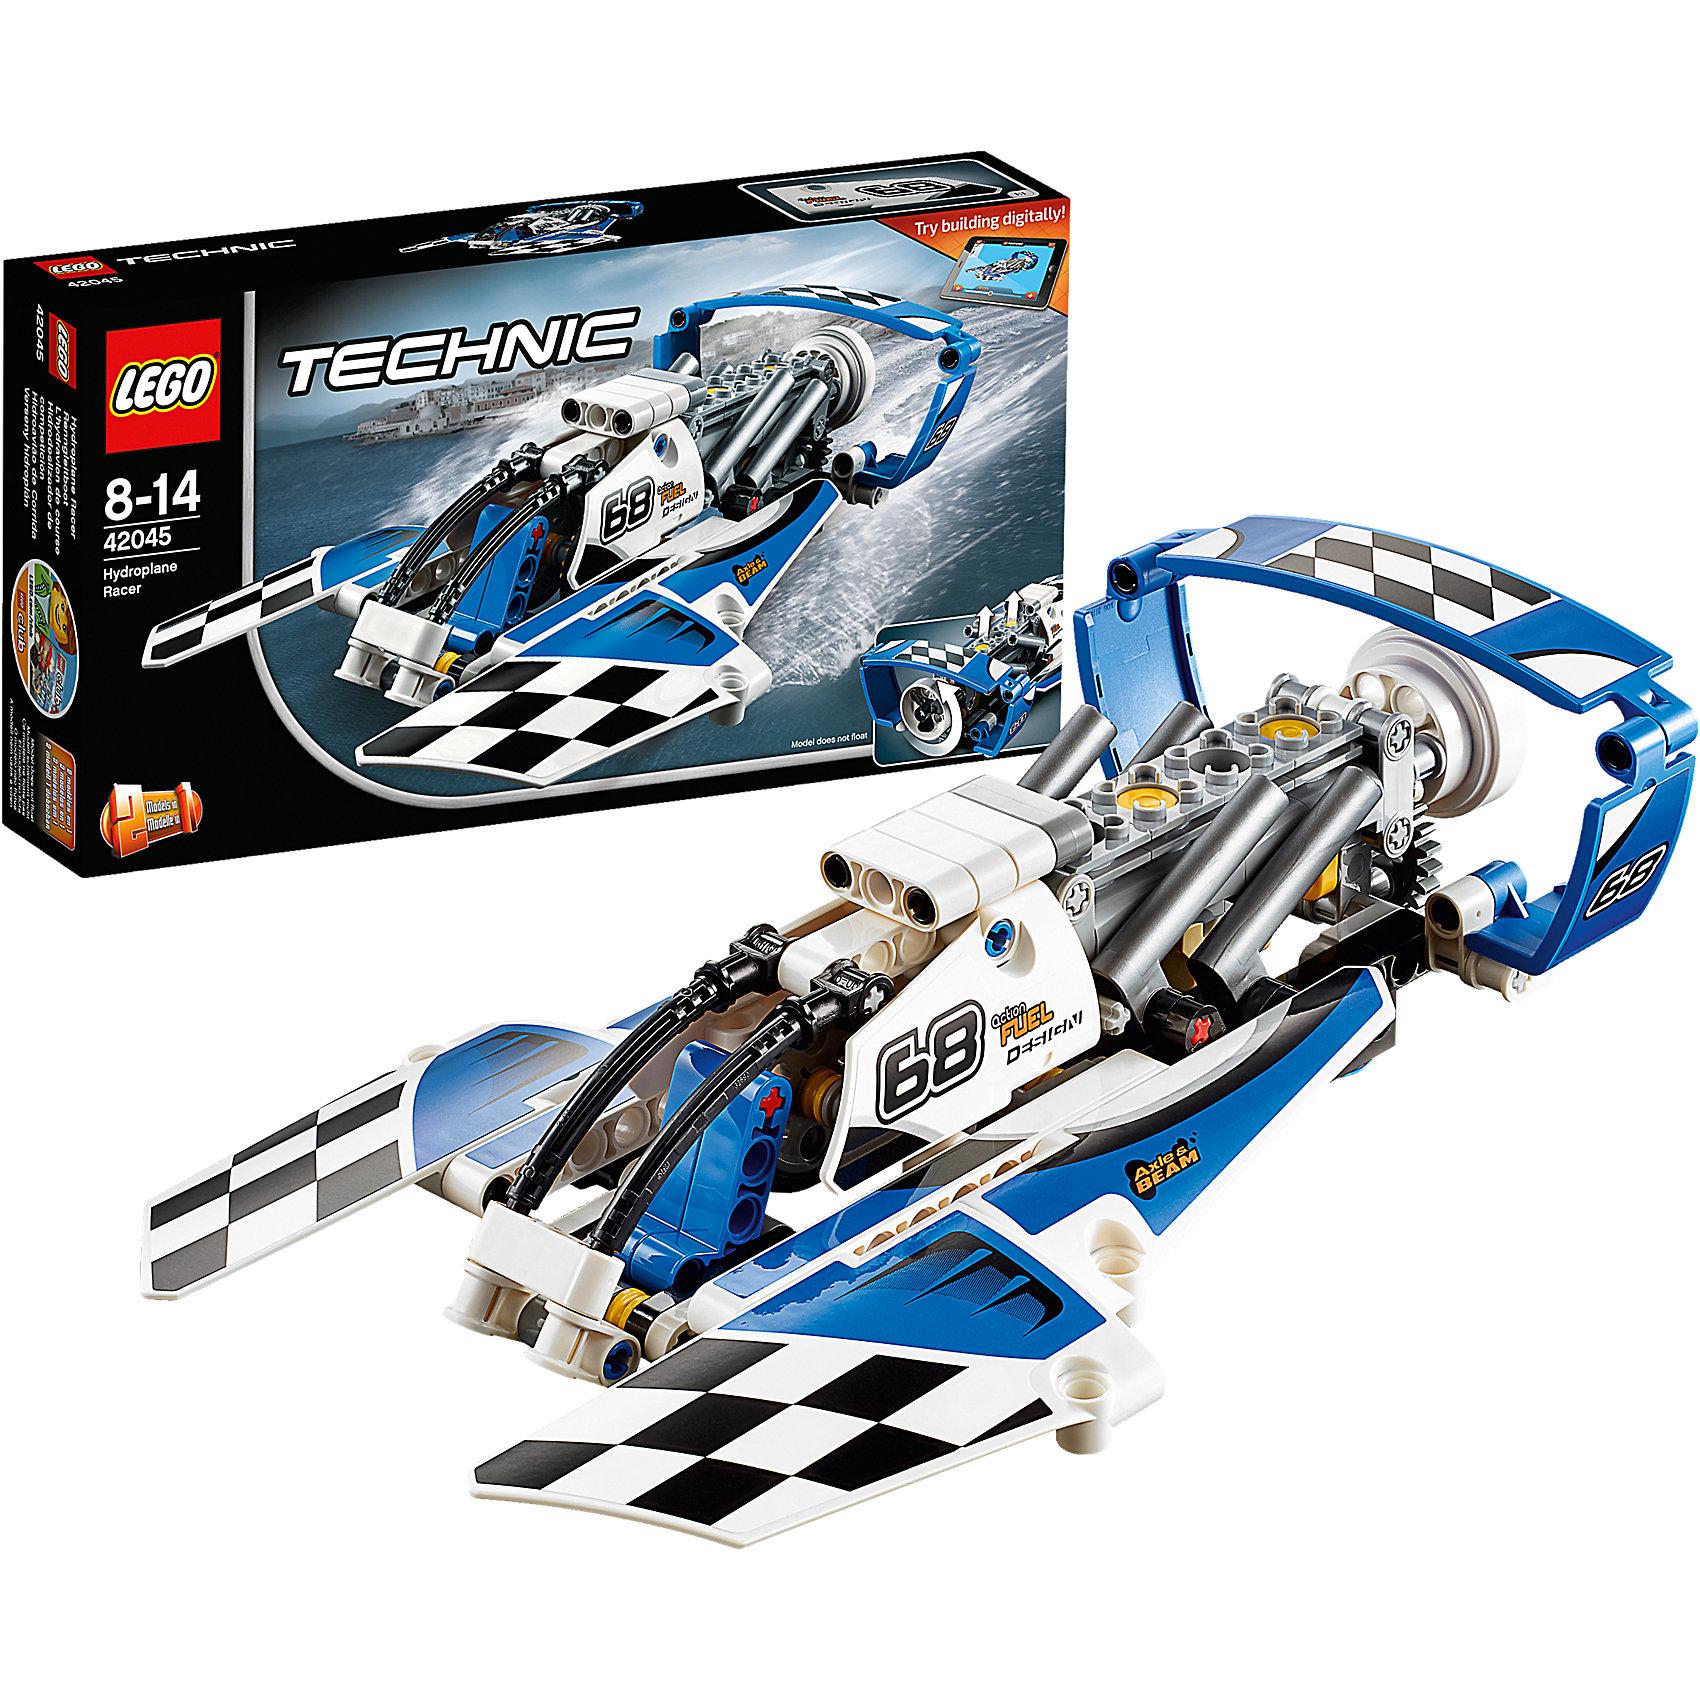 LEGO Technic 42045: Гоночный гидропланПластмассовые конструкторы<br>Характеристики товара:<br><br>• возраст: от 8 лет;<br>• материал: пластик;<br>• в комплекте: 180 деталей, наклейки, инструкция;<br>• размер упаковки: 26х14х5 см;<br>• вес упаковки: 285 гр.;<br>• страна производитель: Китай.<br><br>Конструктор Lego Technic «Гоночный гидроплан» позволит увлекательно провести время, собирая вместе все детали в модели. Из элементов конструктора можно собрать сразу 2 модели: гоночный гидроплан и гоночный катер. Каждая модель оснащена кабиной для капитана с открывающимися дверями. На катере и гидроплане расположен двигатель, приводящий в движение винт и поршни.<br><br>В наборе наклейки, с помощью которых украшается каждая модель. Для планшета и смартфона предусмотрена бесплатная 3D инструкция по сборке, которая поможет детям без труда собрать катер и гидроплан. С готовыми моделями мальчишки могут устроить невероятные заезды и захватывающие гонки. Сборка конструктора развивает у детей усидчивость, внимательность и логическое мышление.<br><br>Конструктор Lego Technic «Гоночный гидроплан» можно приобрести в нашем интернет-магазине.<br><br>Ширина мм: 263<br>Глубина мм: 142<br>Высота мм: 50<br>Вес г: 287<br>Возраст от месяцев: 96<br>Возраст до месяцев: 2147483647<br>Пол: Мужской<br>Возраст: Детский<br>SKU: 4259018